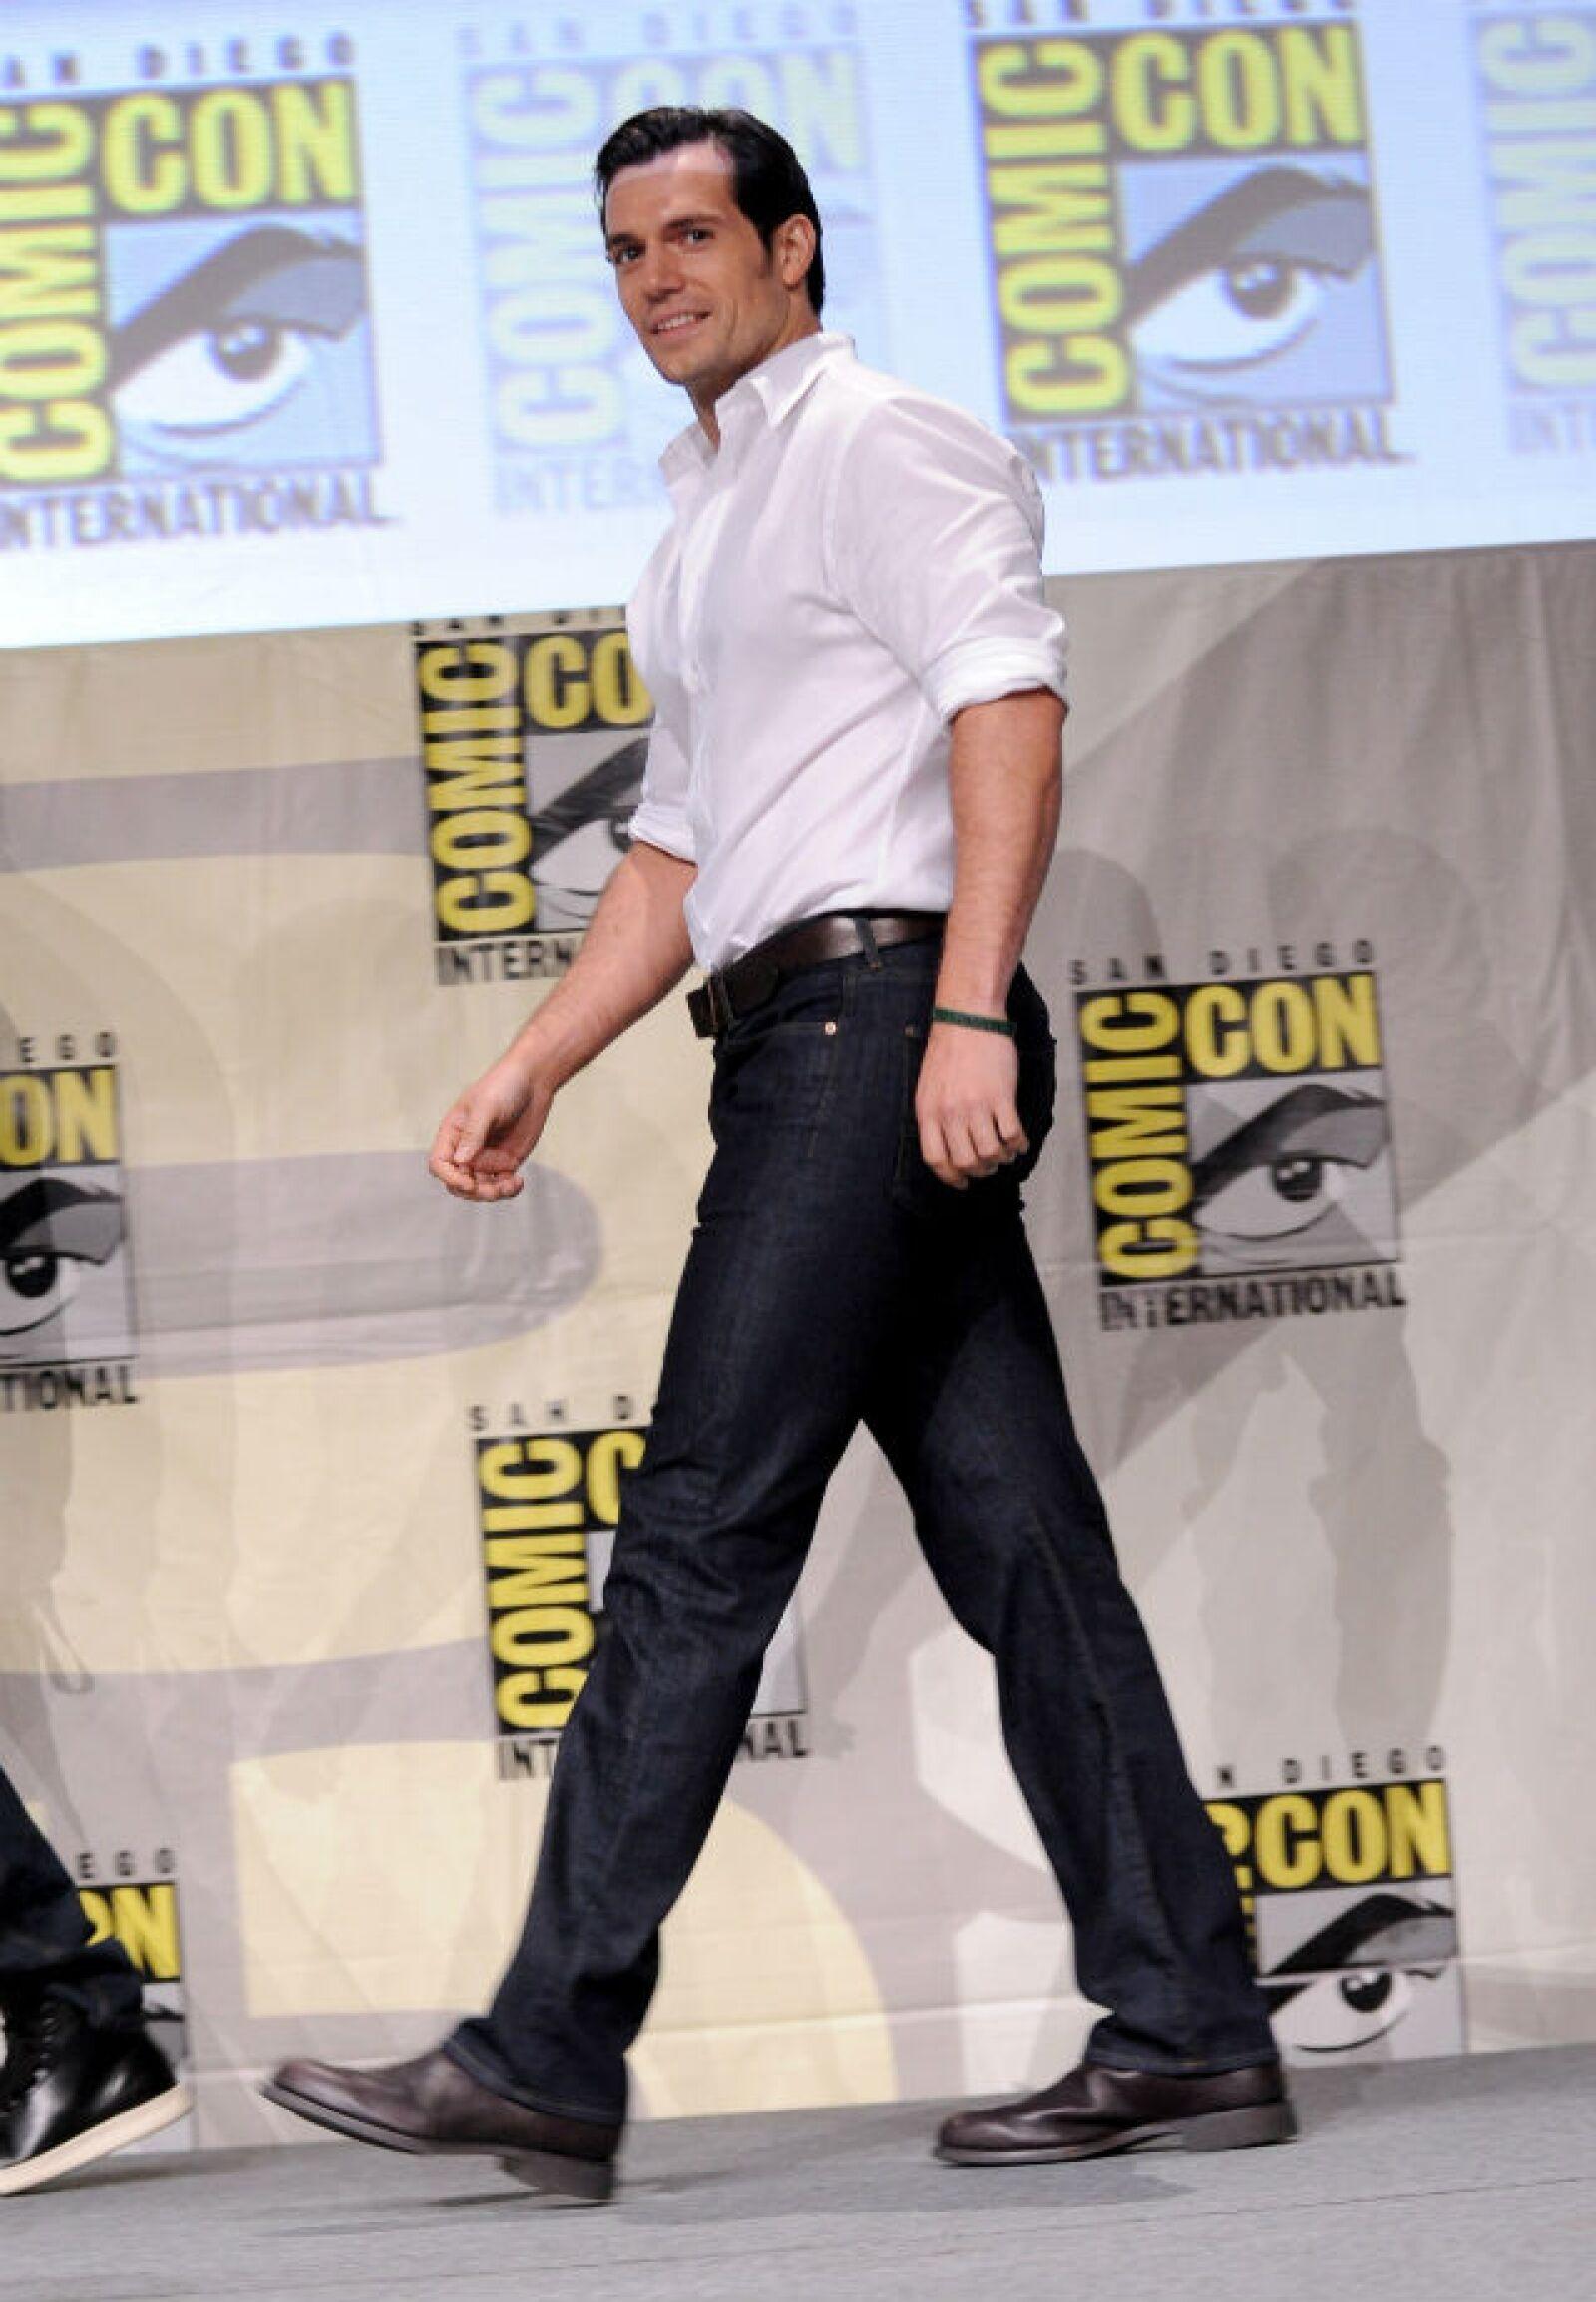 Henry Cavill hablando de la nueva película Batman v Superman en Comic Con 2014 en San Diego.